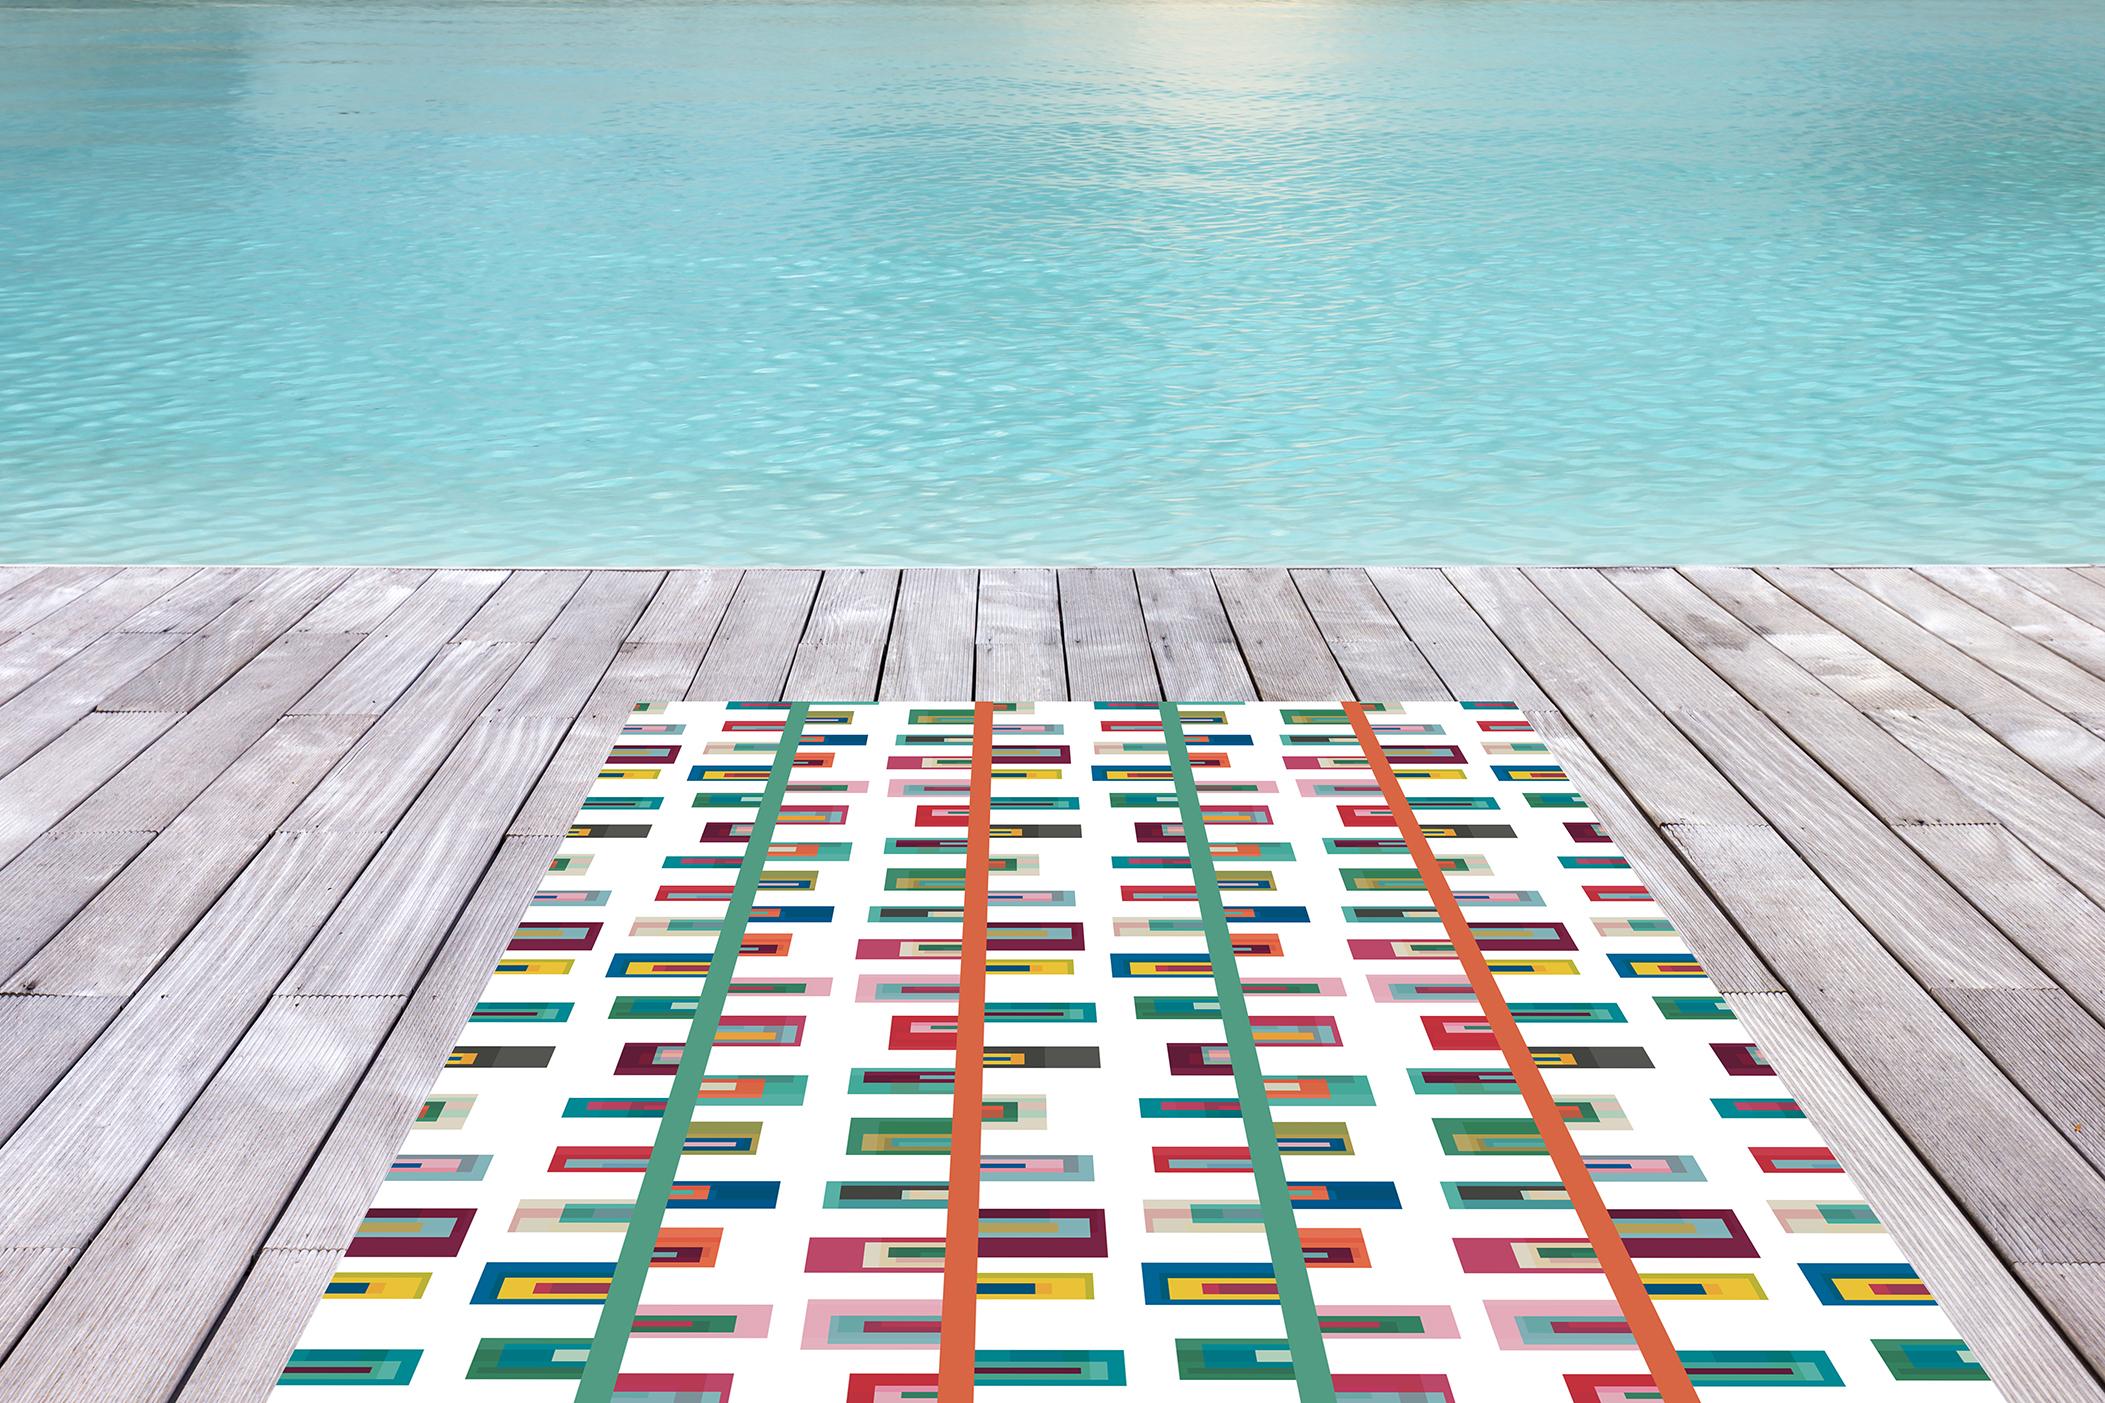 keep-climbing-rug-mockup-on-deck-web-2-.jpg